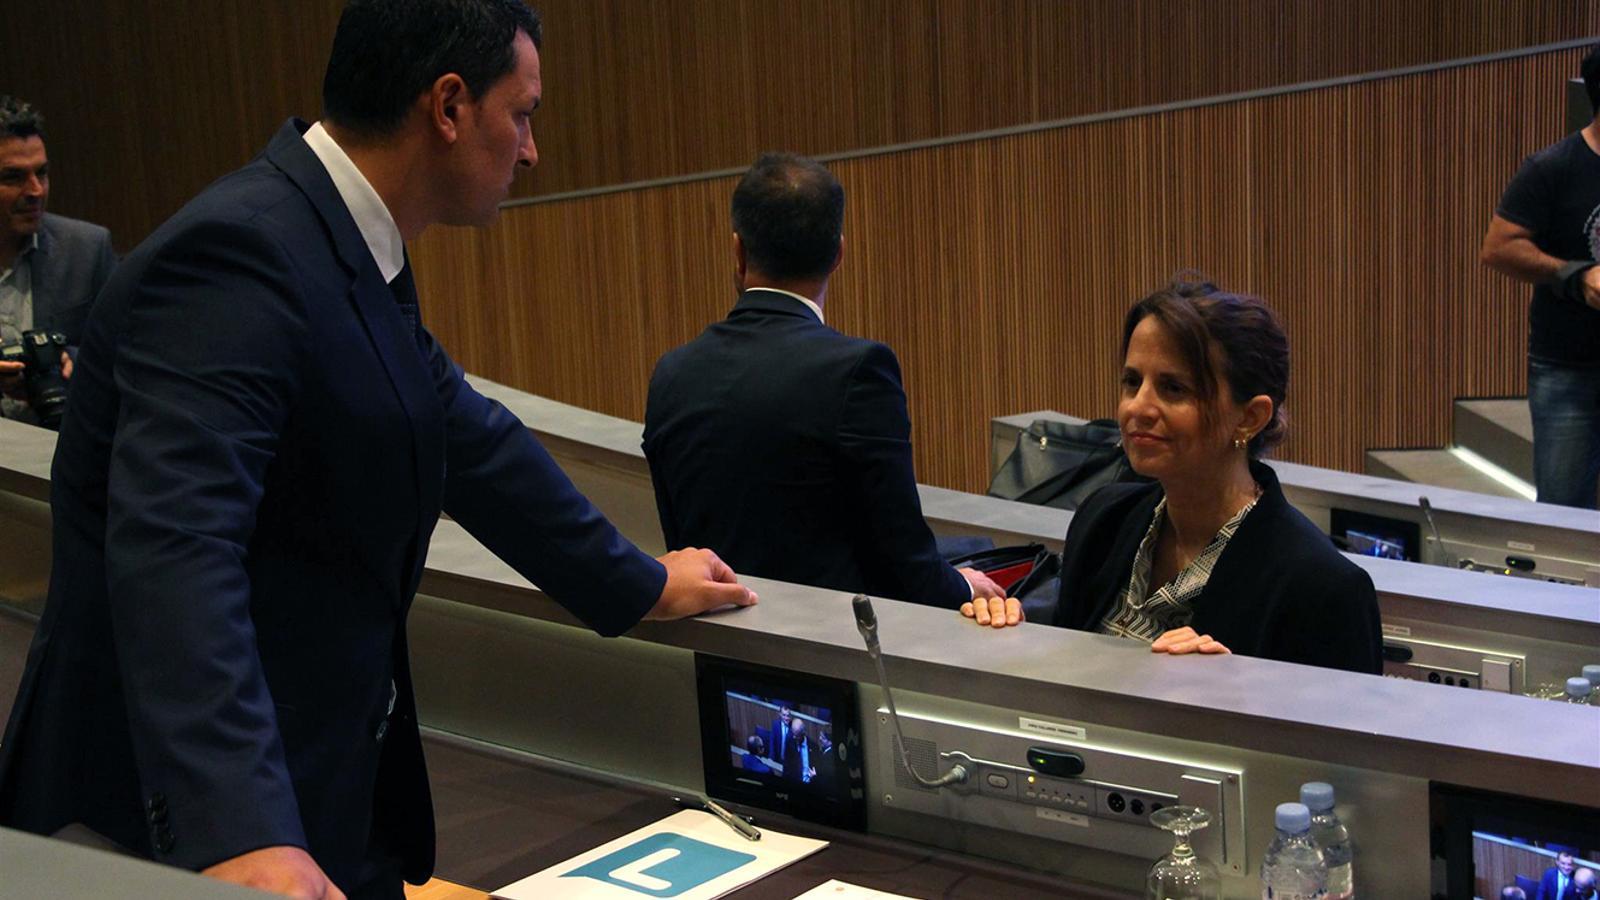 El president de Liberals d'Andorra, Jordi Gallardo, i la consellera general del PS, Rosa Gili, abans d'iniciar-se la segona sessió del debat d'orientació política. / M. M.